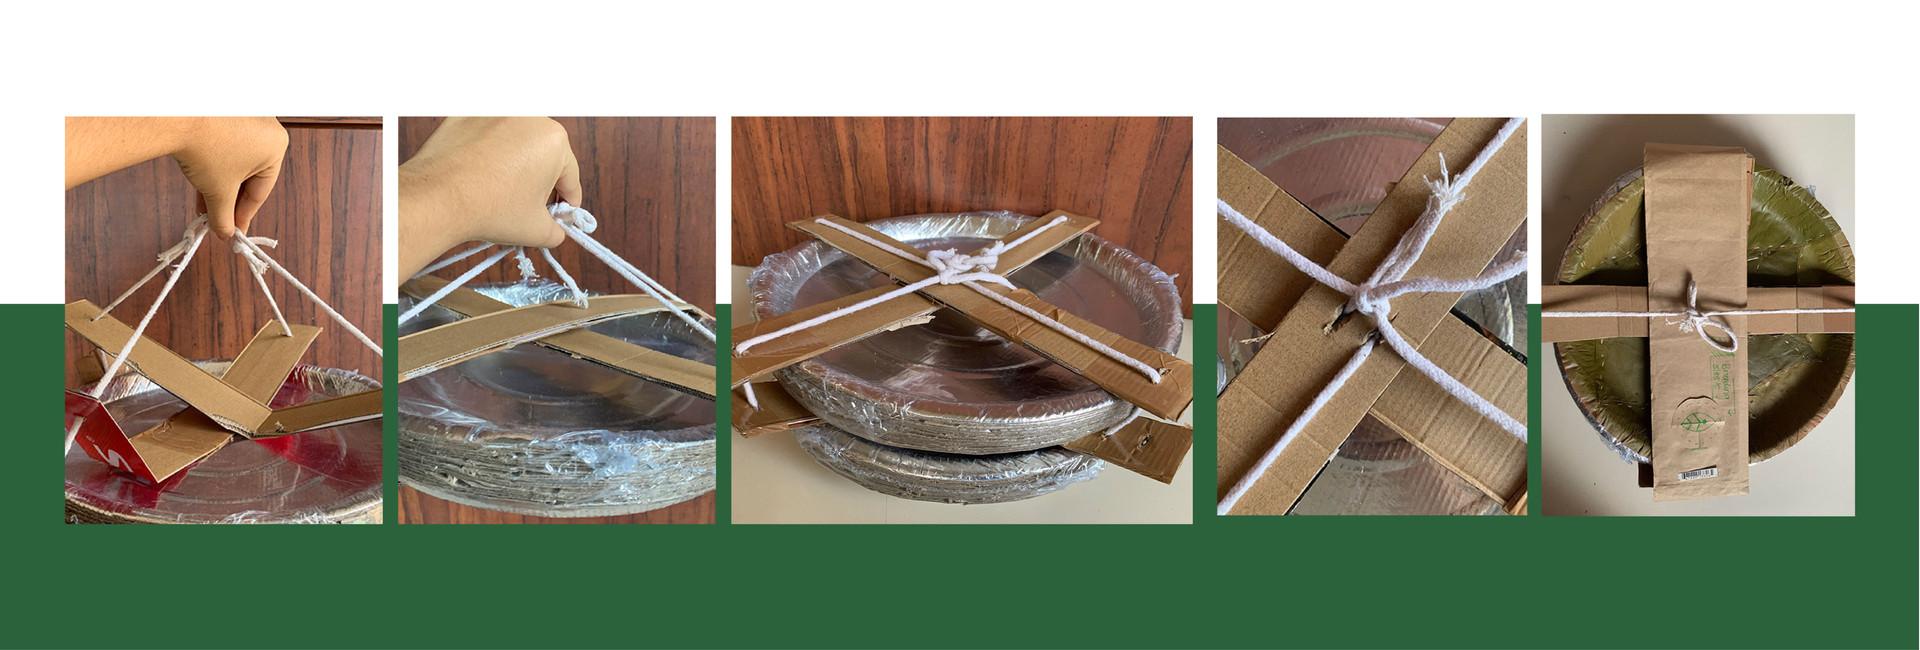 Packaging NT2020-03.jpg